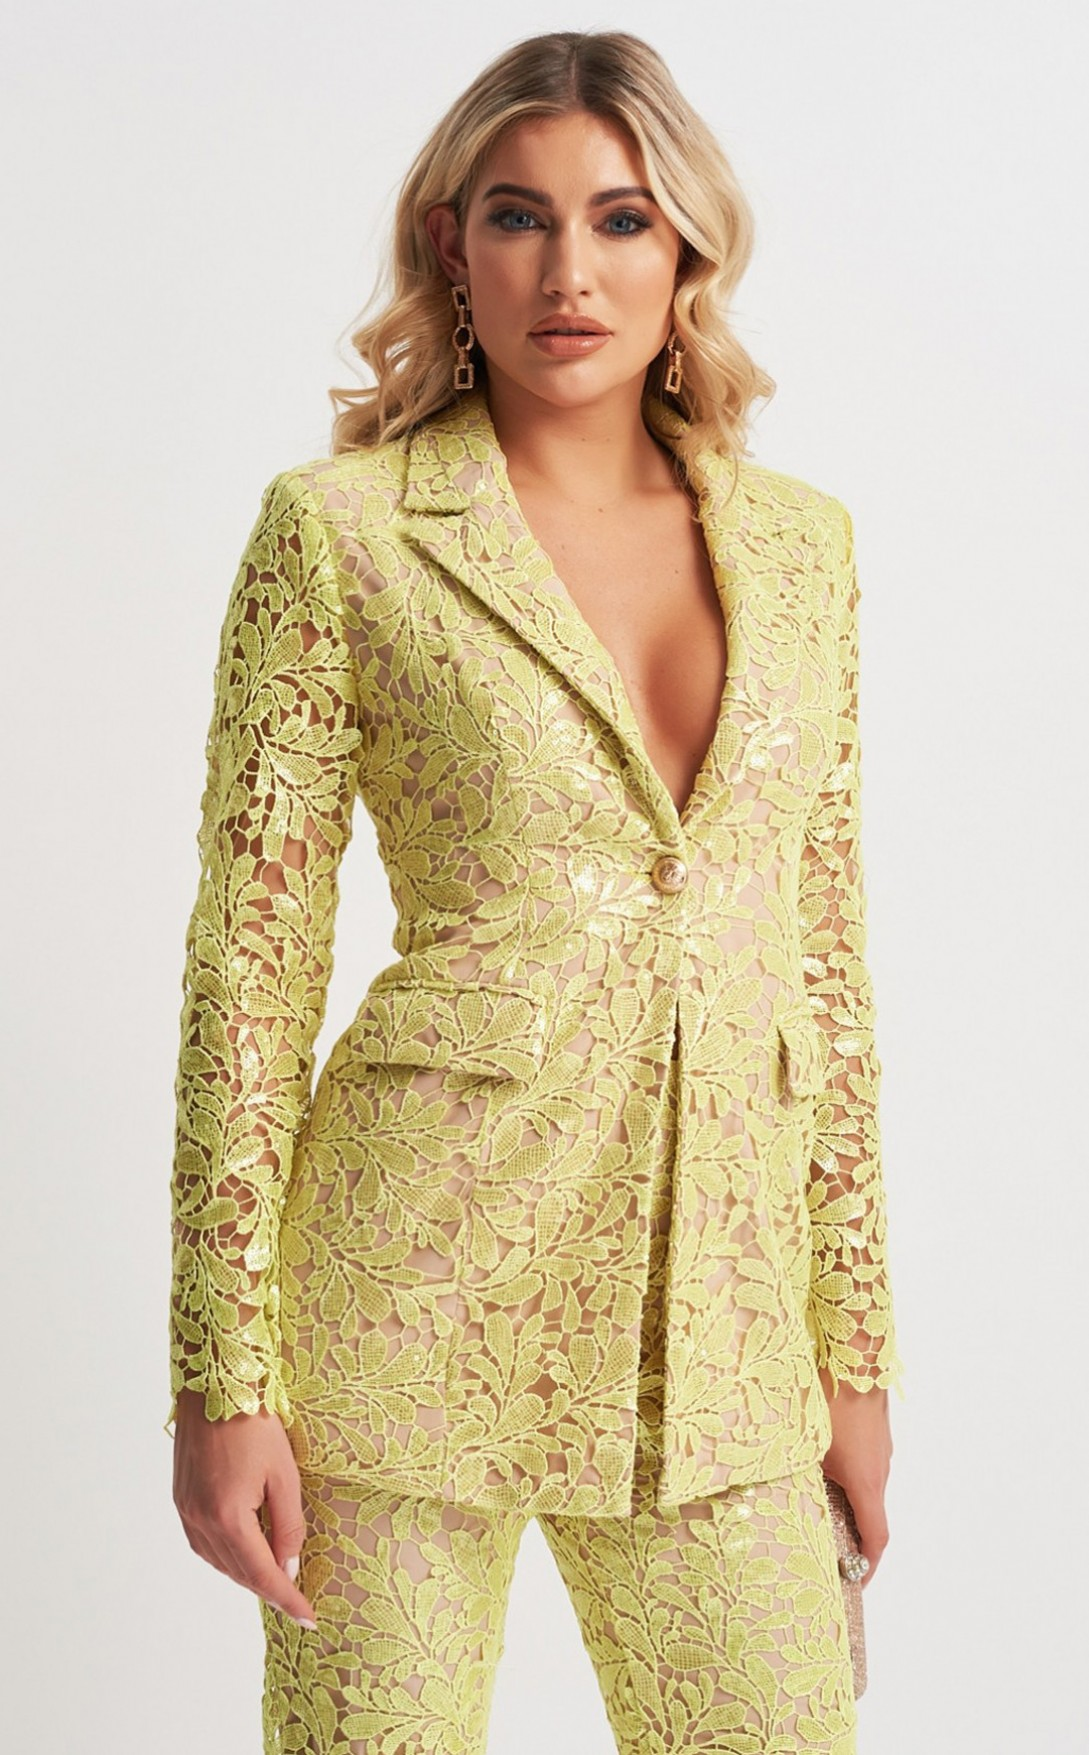 Sequin Lace Suit Jacket by Forever Unique